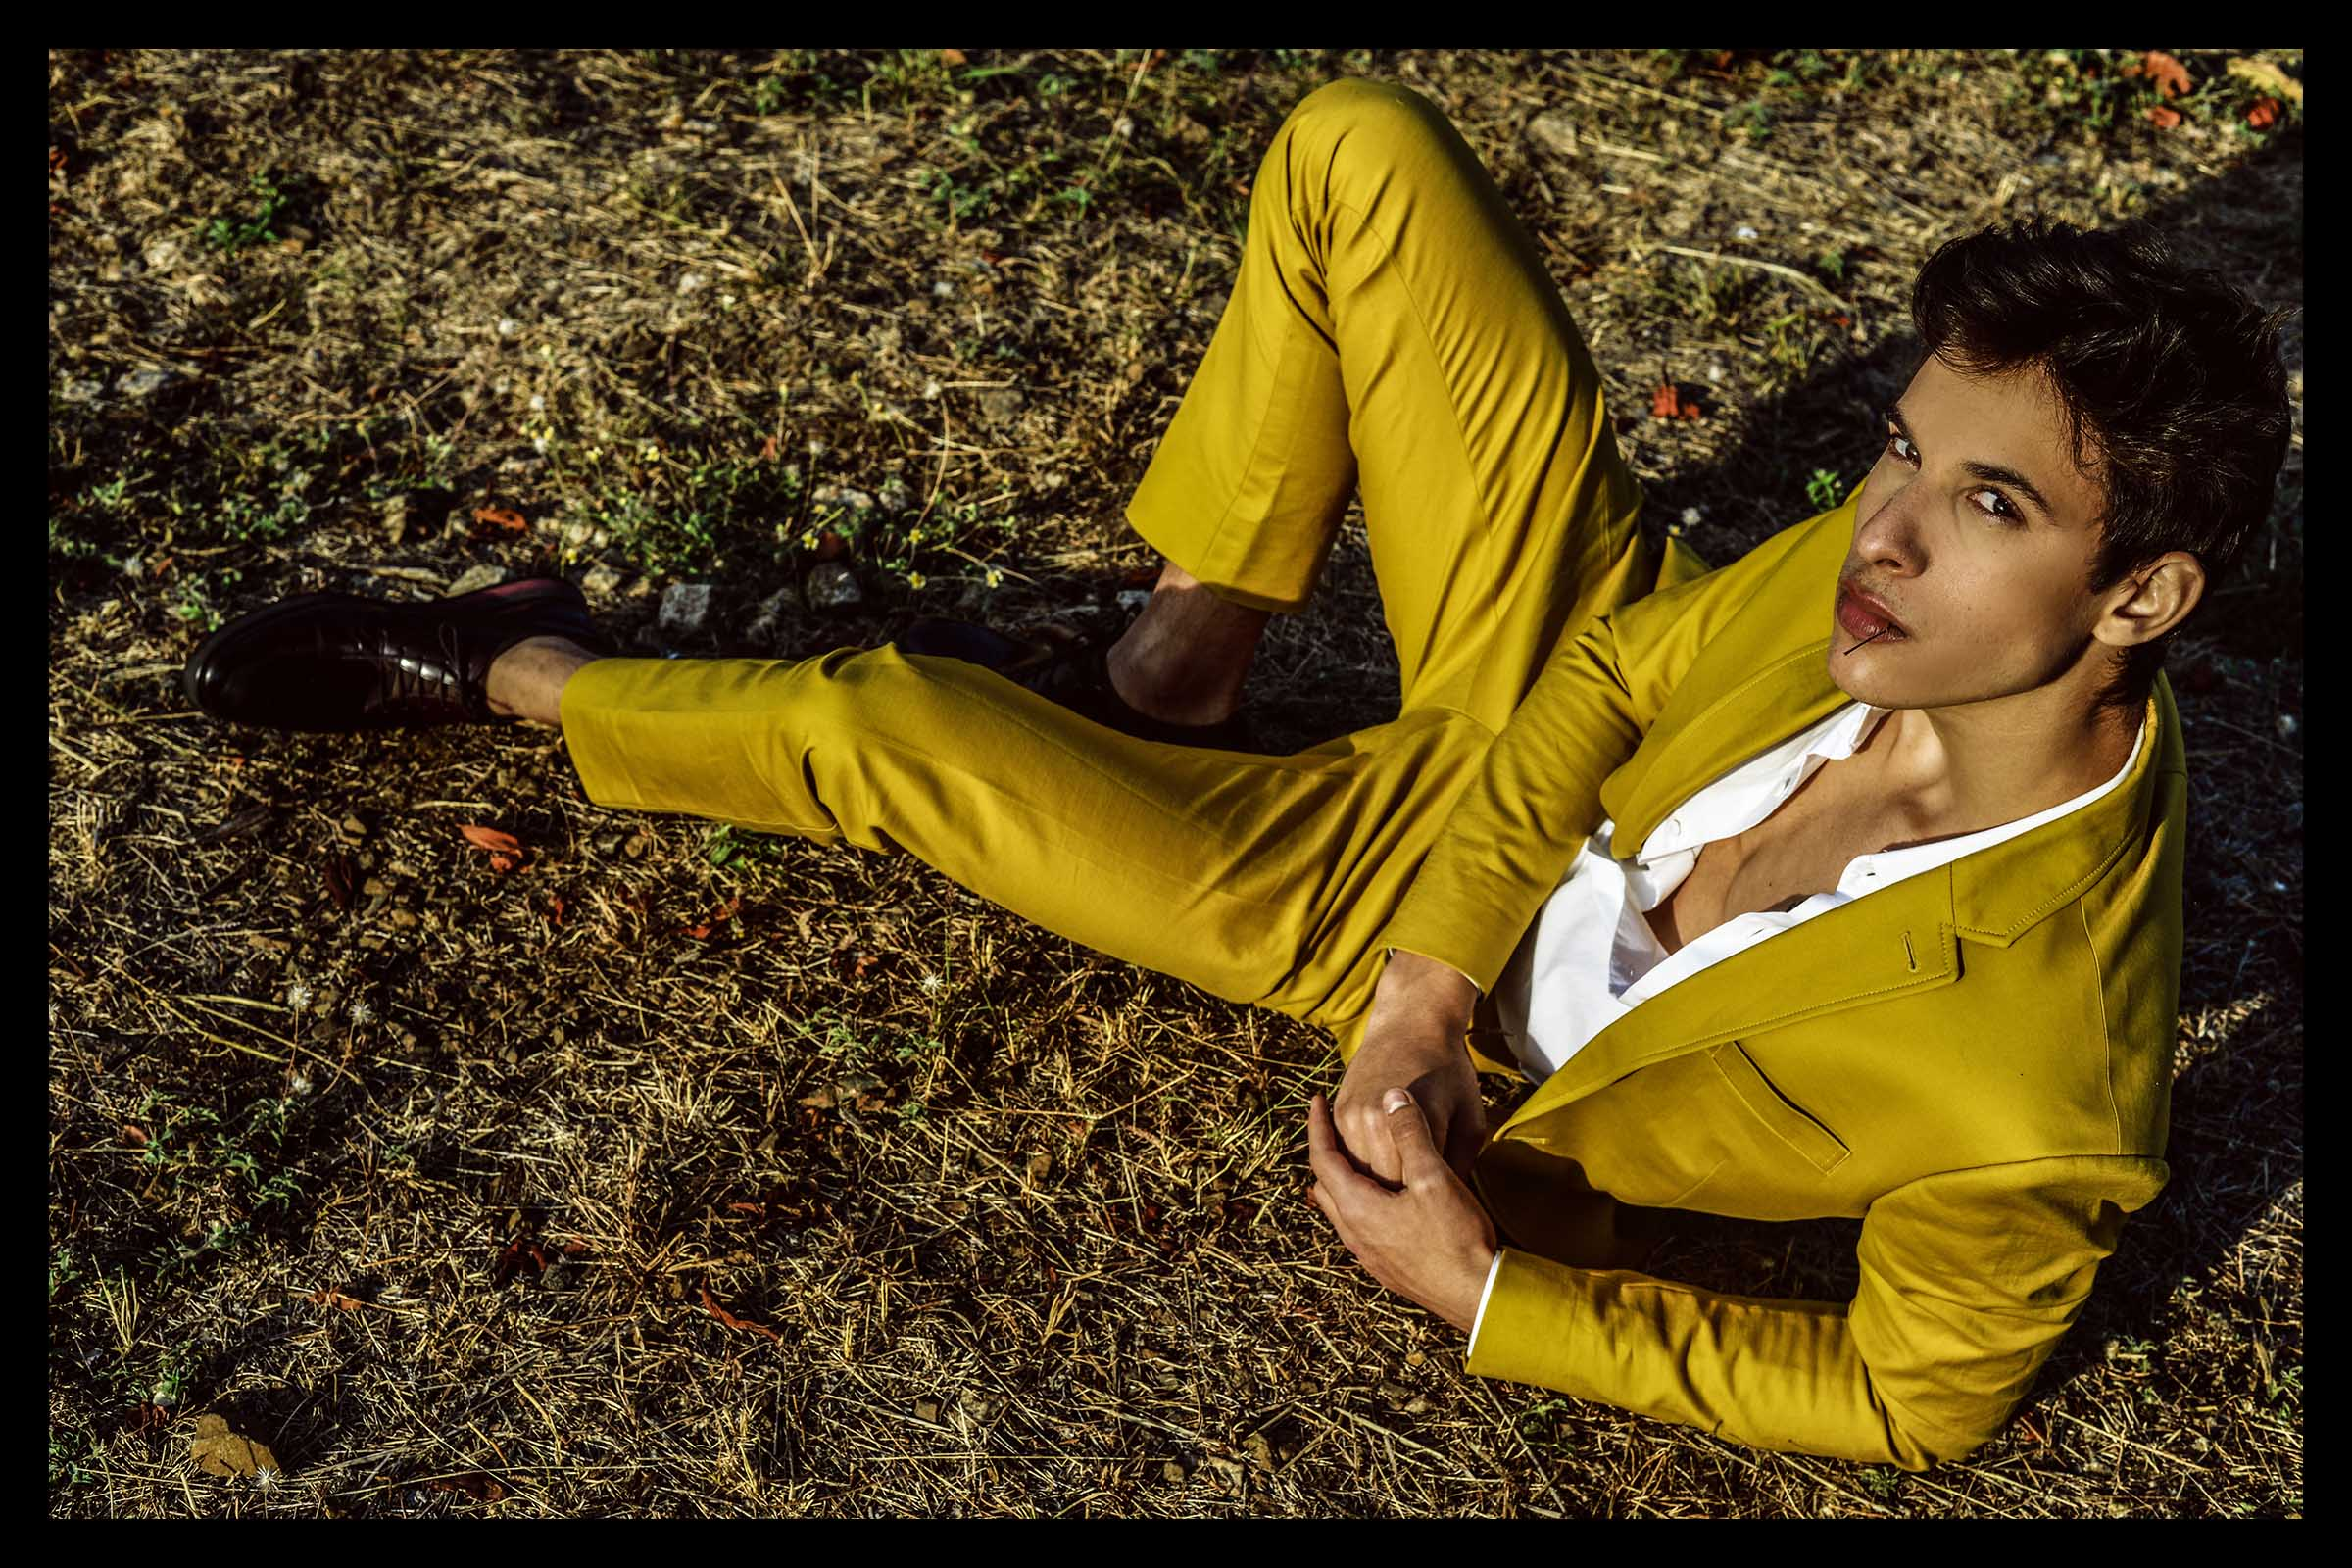 Isaac Paiva by Rodrigo Marconatto for Brazilian Male Model